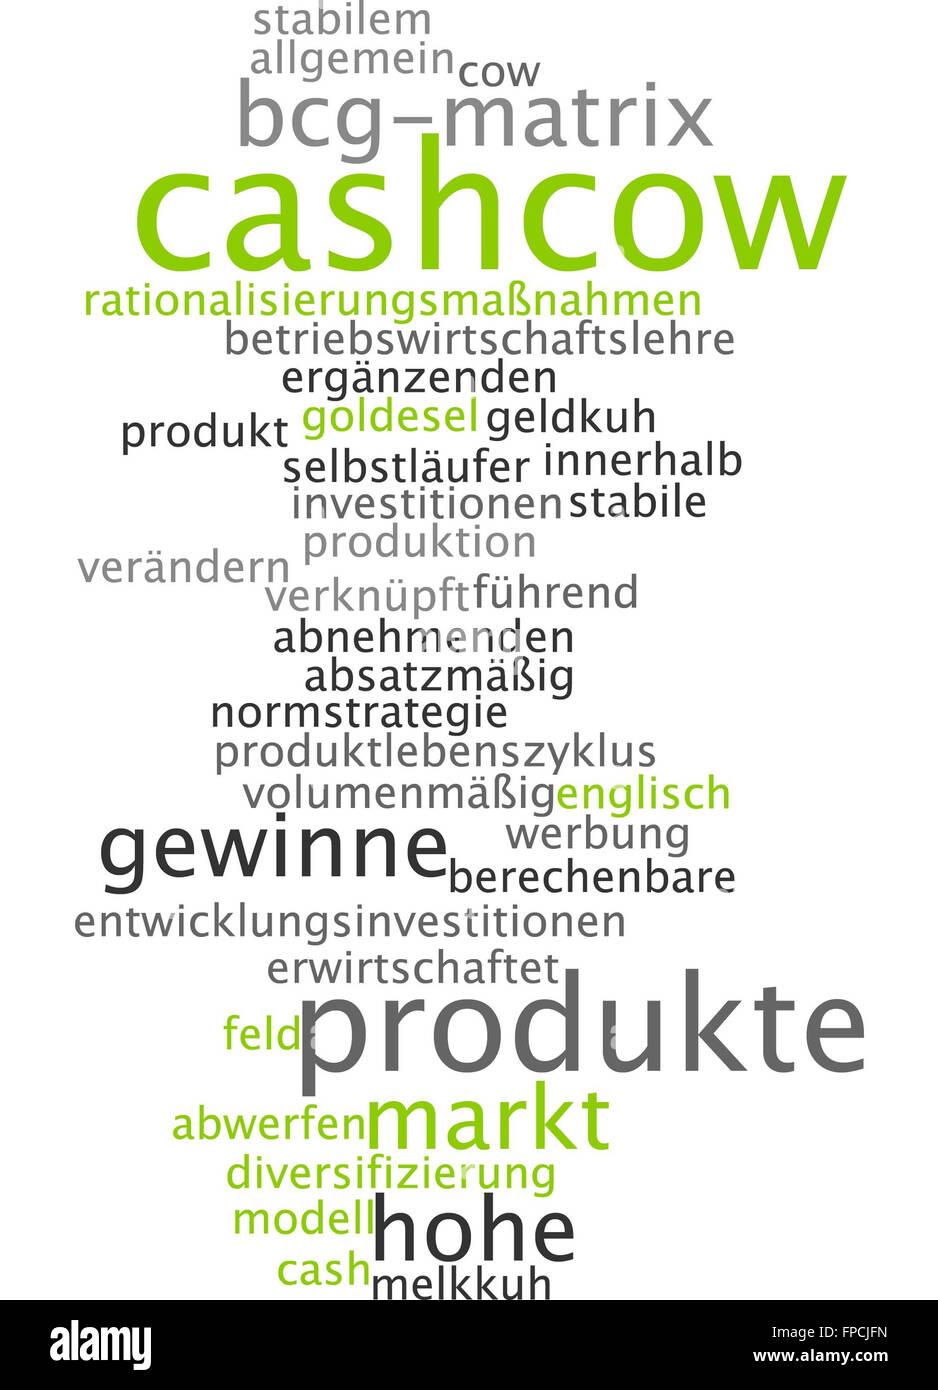 Cashcow Cashkuh Kuh Kuh Cash Geld Gewinn Stockbild